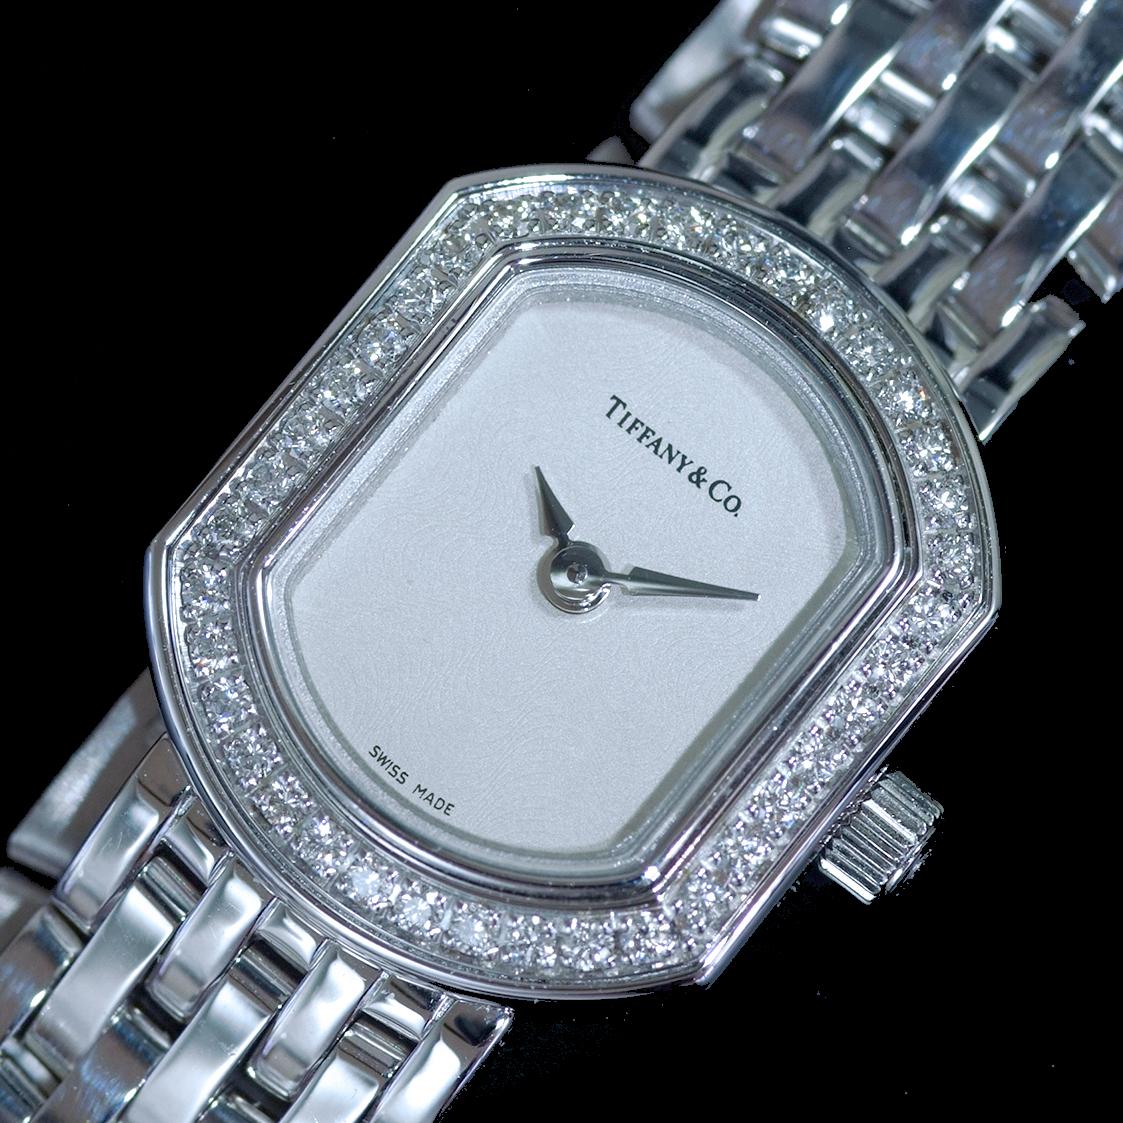 E8391【Tiffany&Co. 1837】ティファニー マーククーペ 純正ダイヤモンド 最高級18金WG無垢レディQZ 腕周り17cm 重量63.81g ケース幅16.7mm_画像1